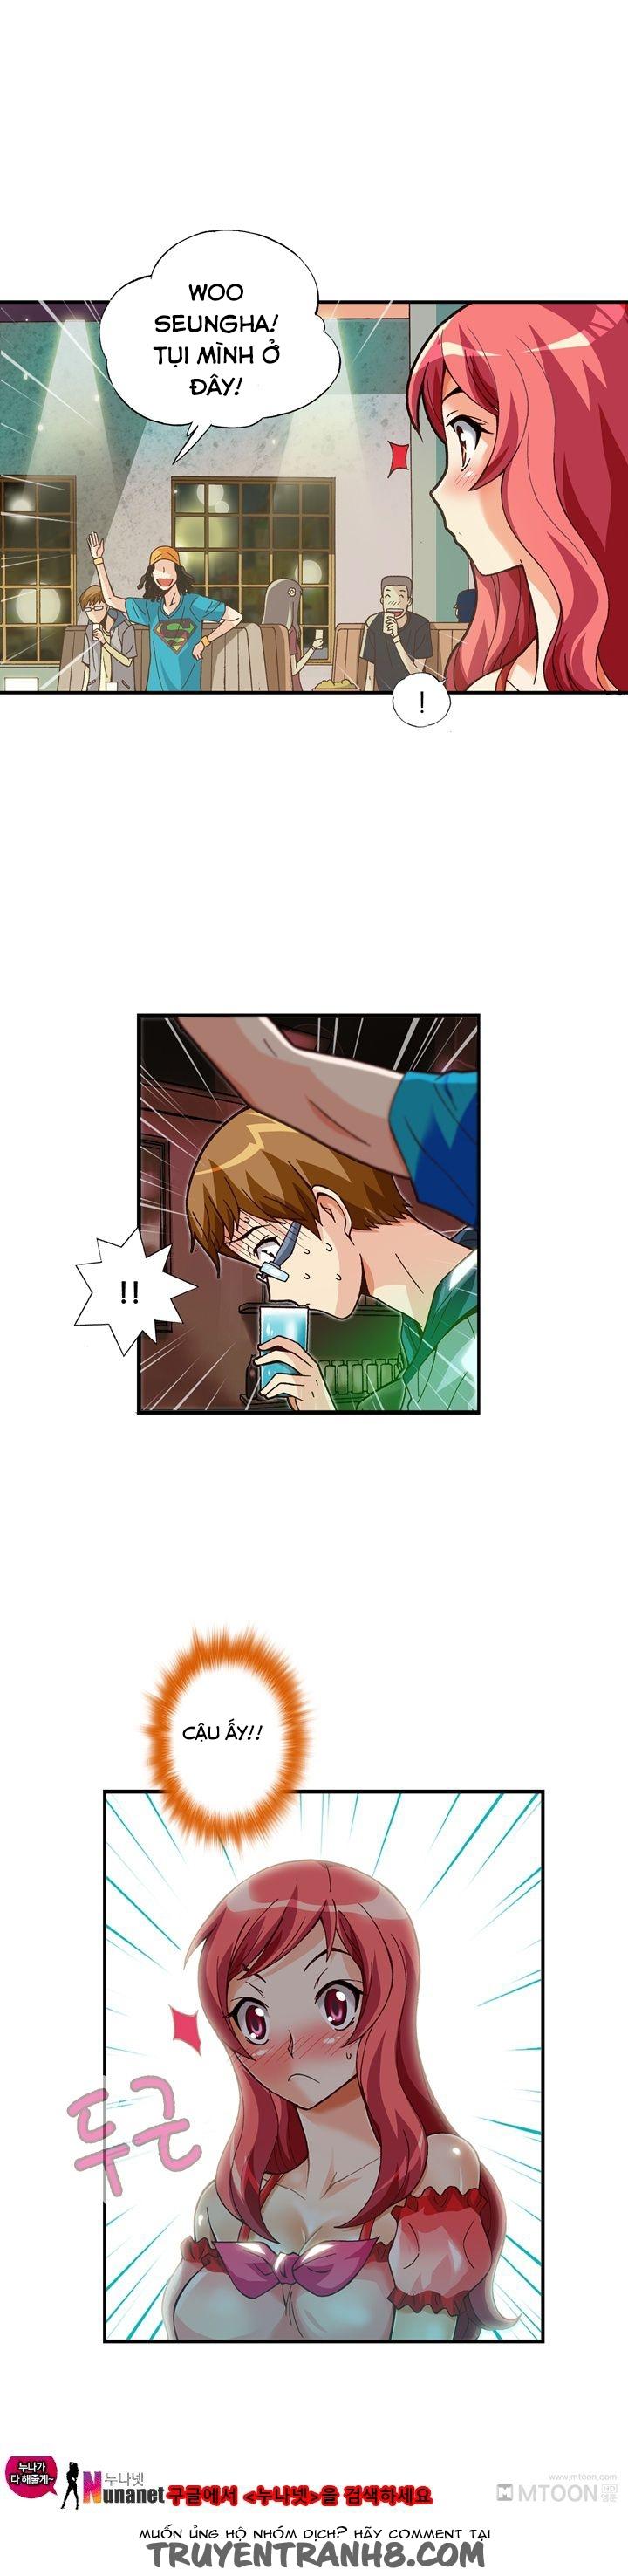 Hình ảnh 07 trong bài viết [Siêu phẩm] Hentai Màu Xin lỗi tớ thật dâm đãng